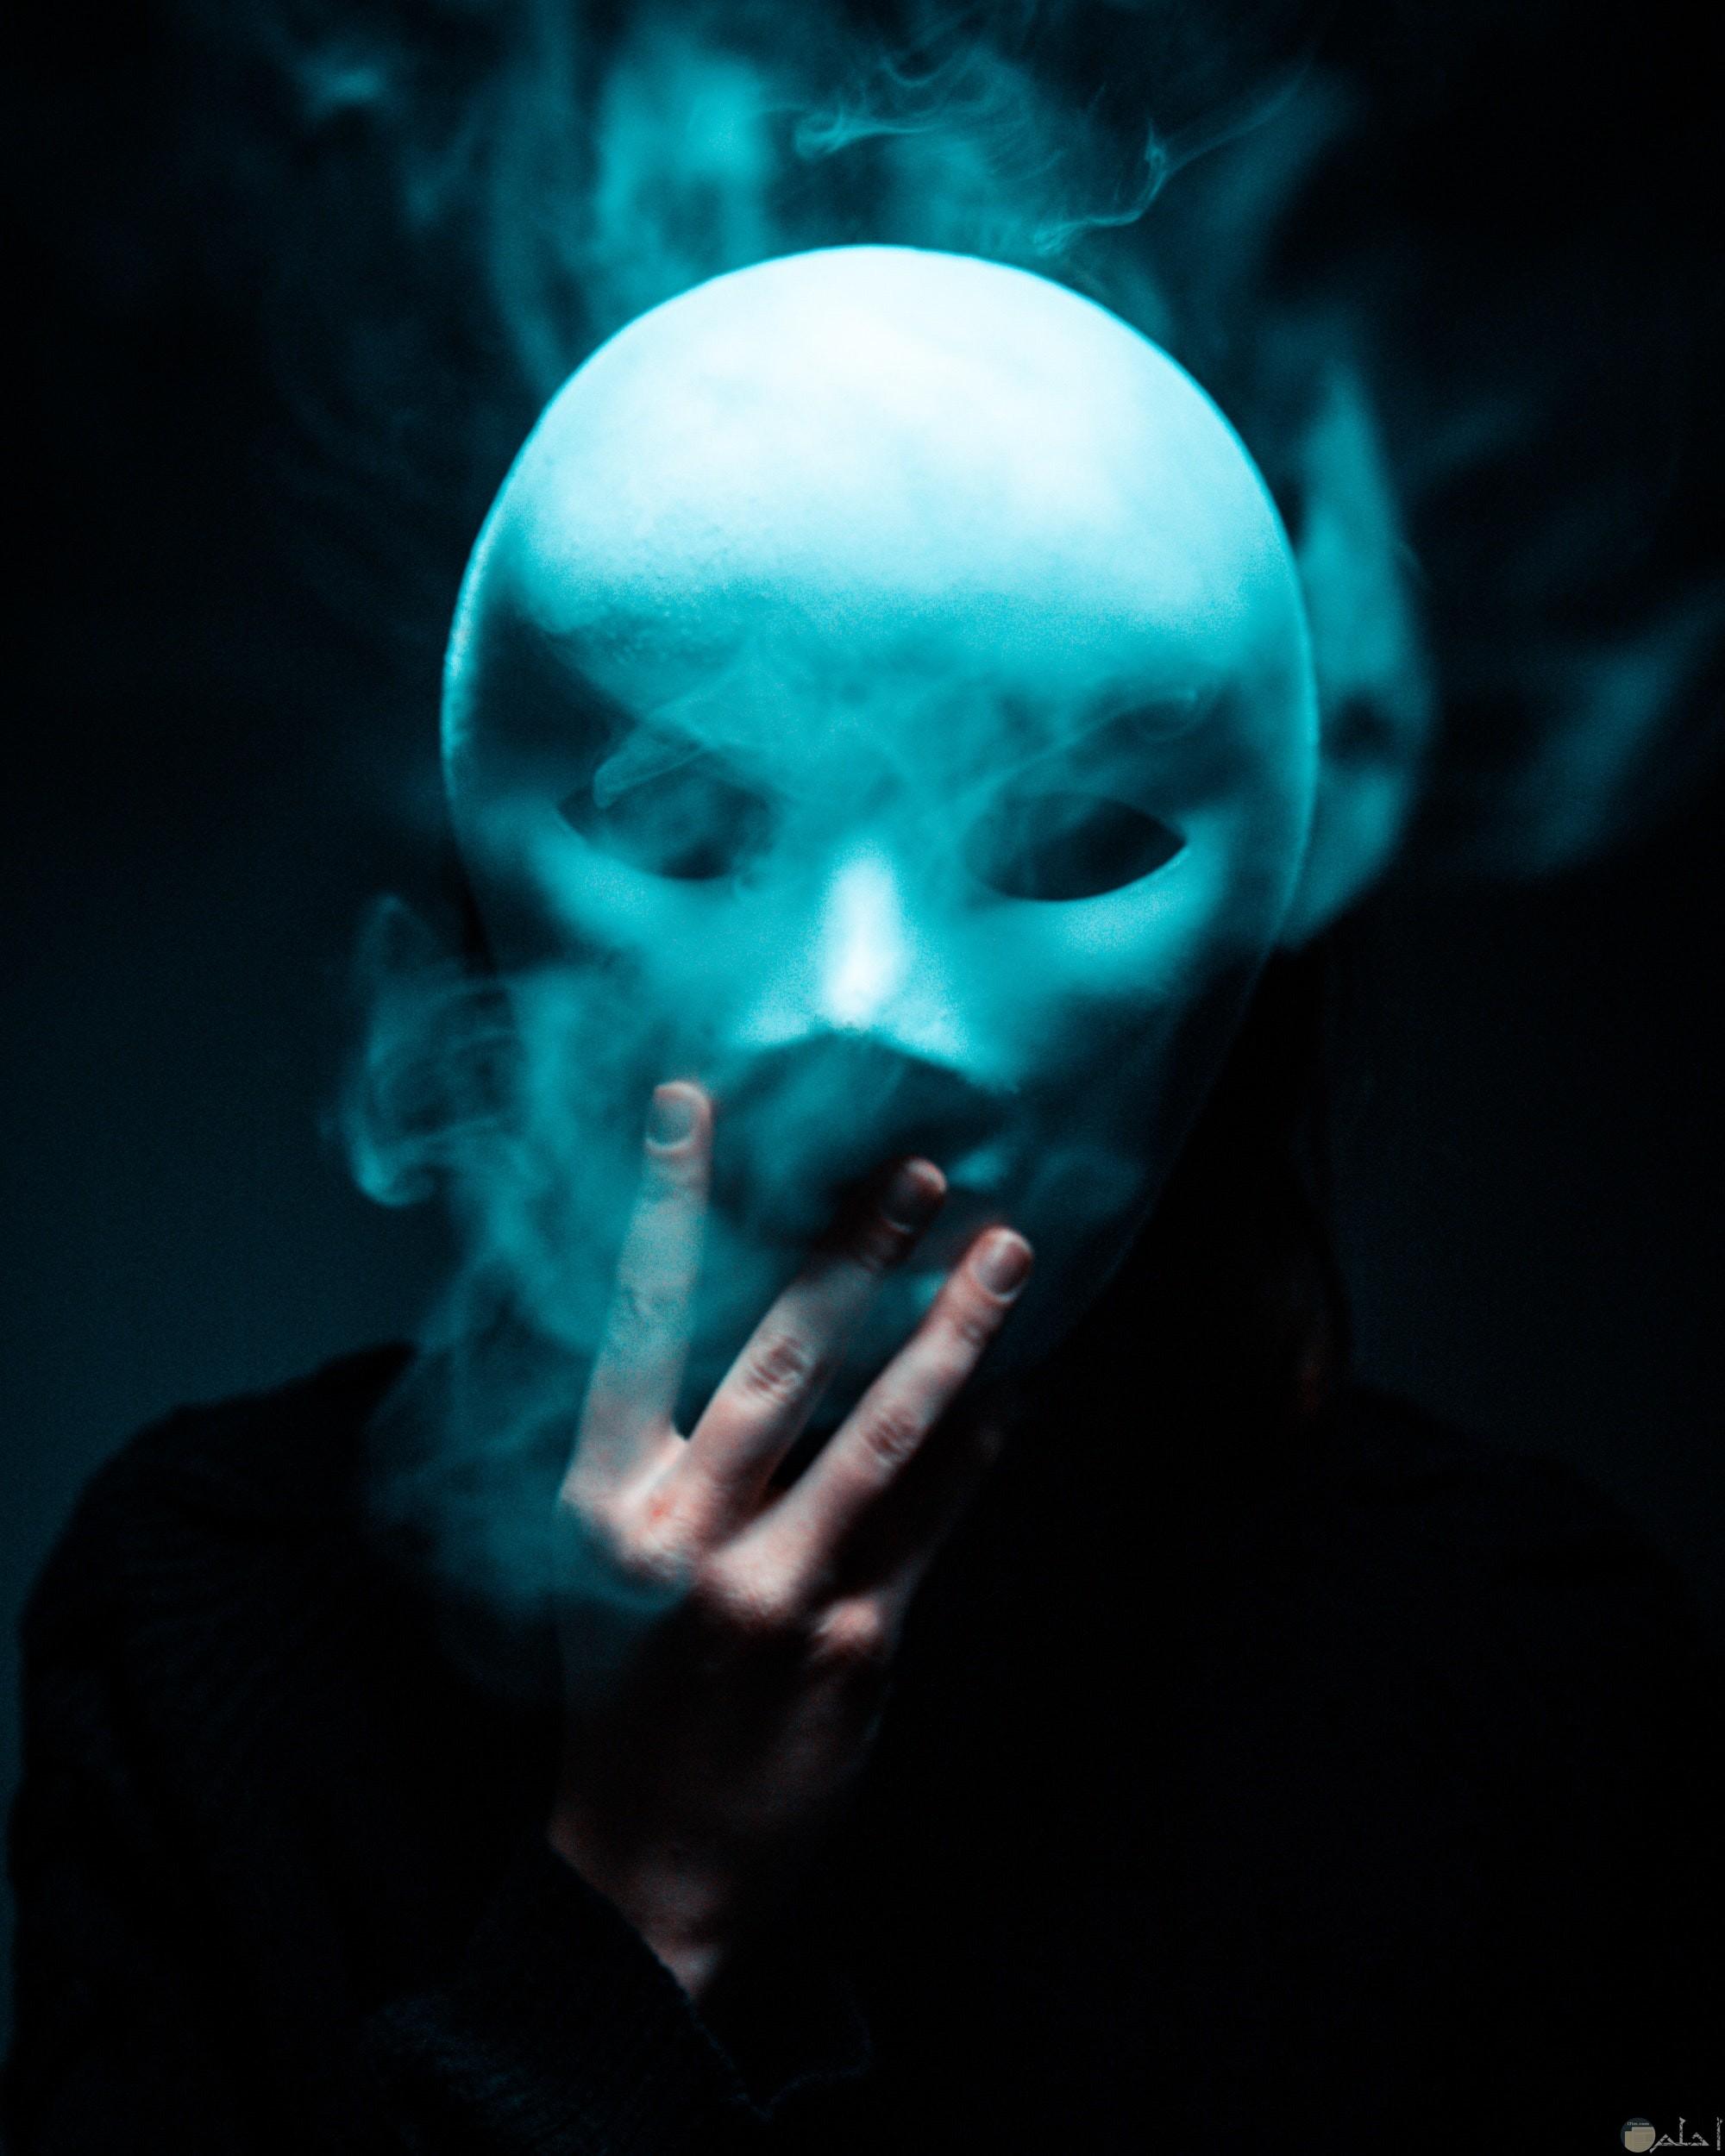 صورة مرعبة لشخص يرتدي قناع مخيف ويخلعه